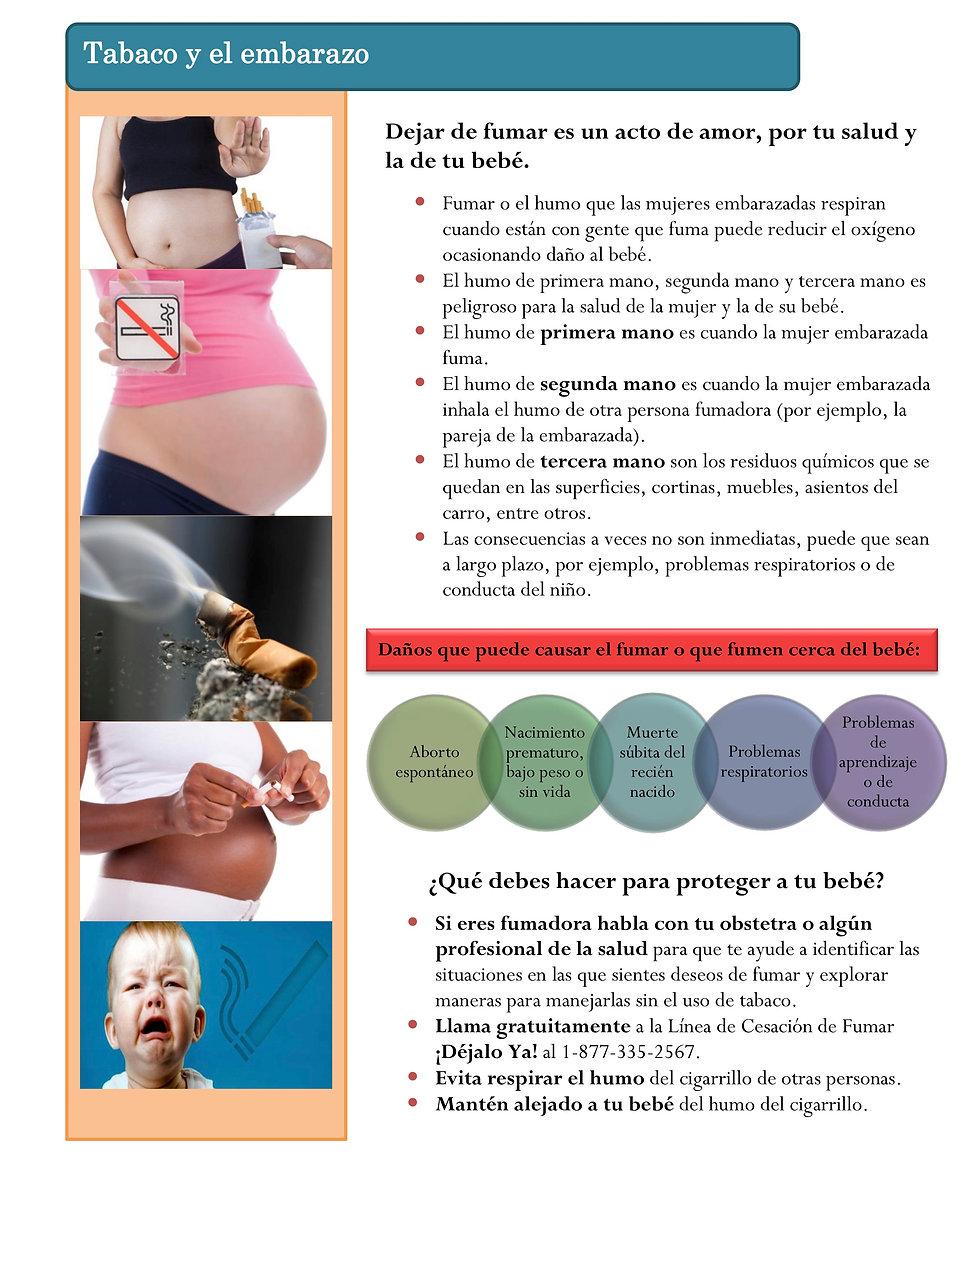 9. Tabaco y el embarazo 2018.jpg